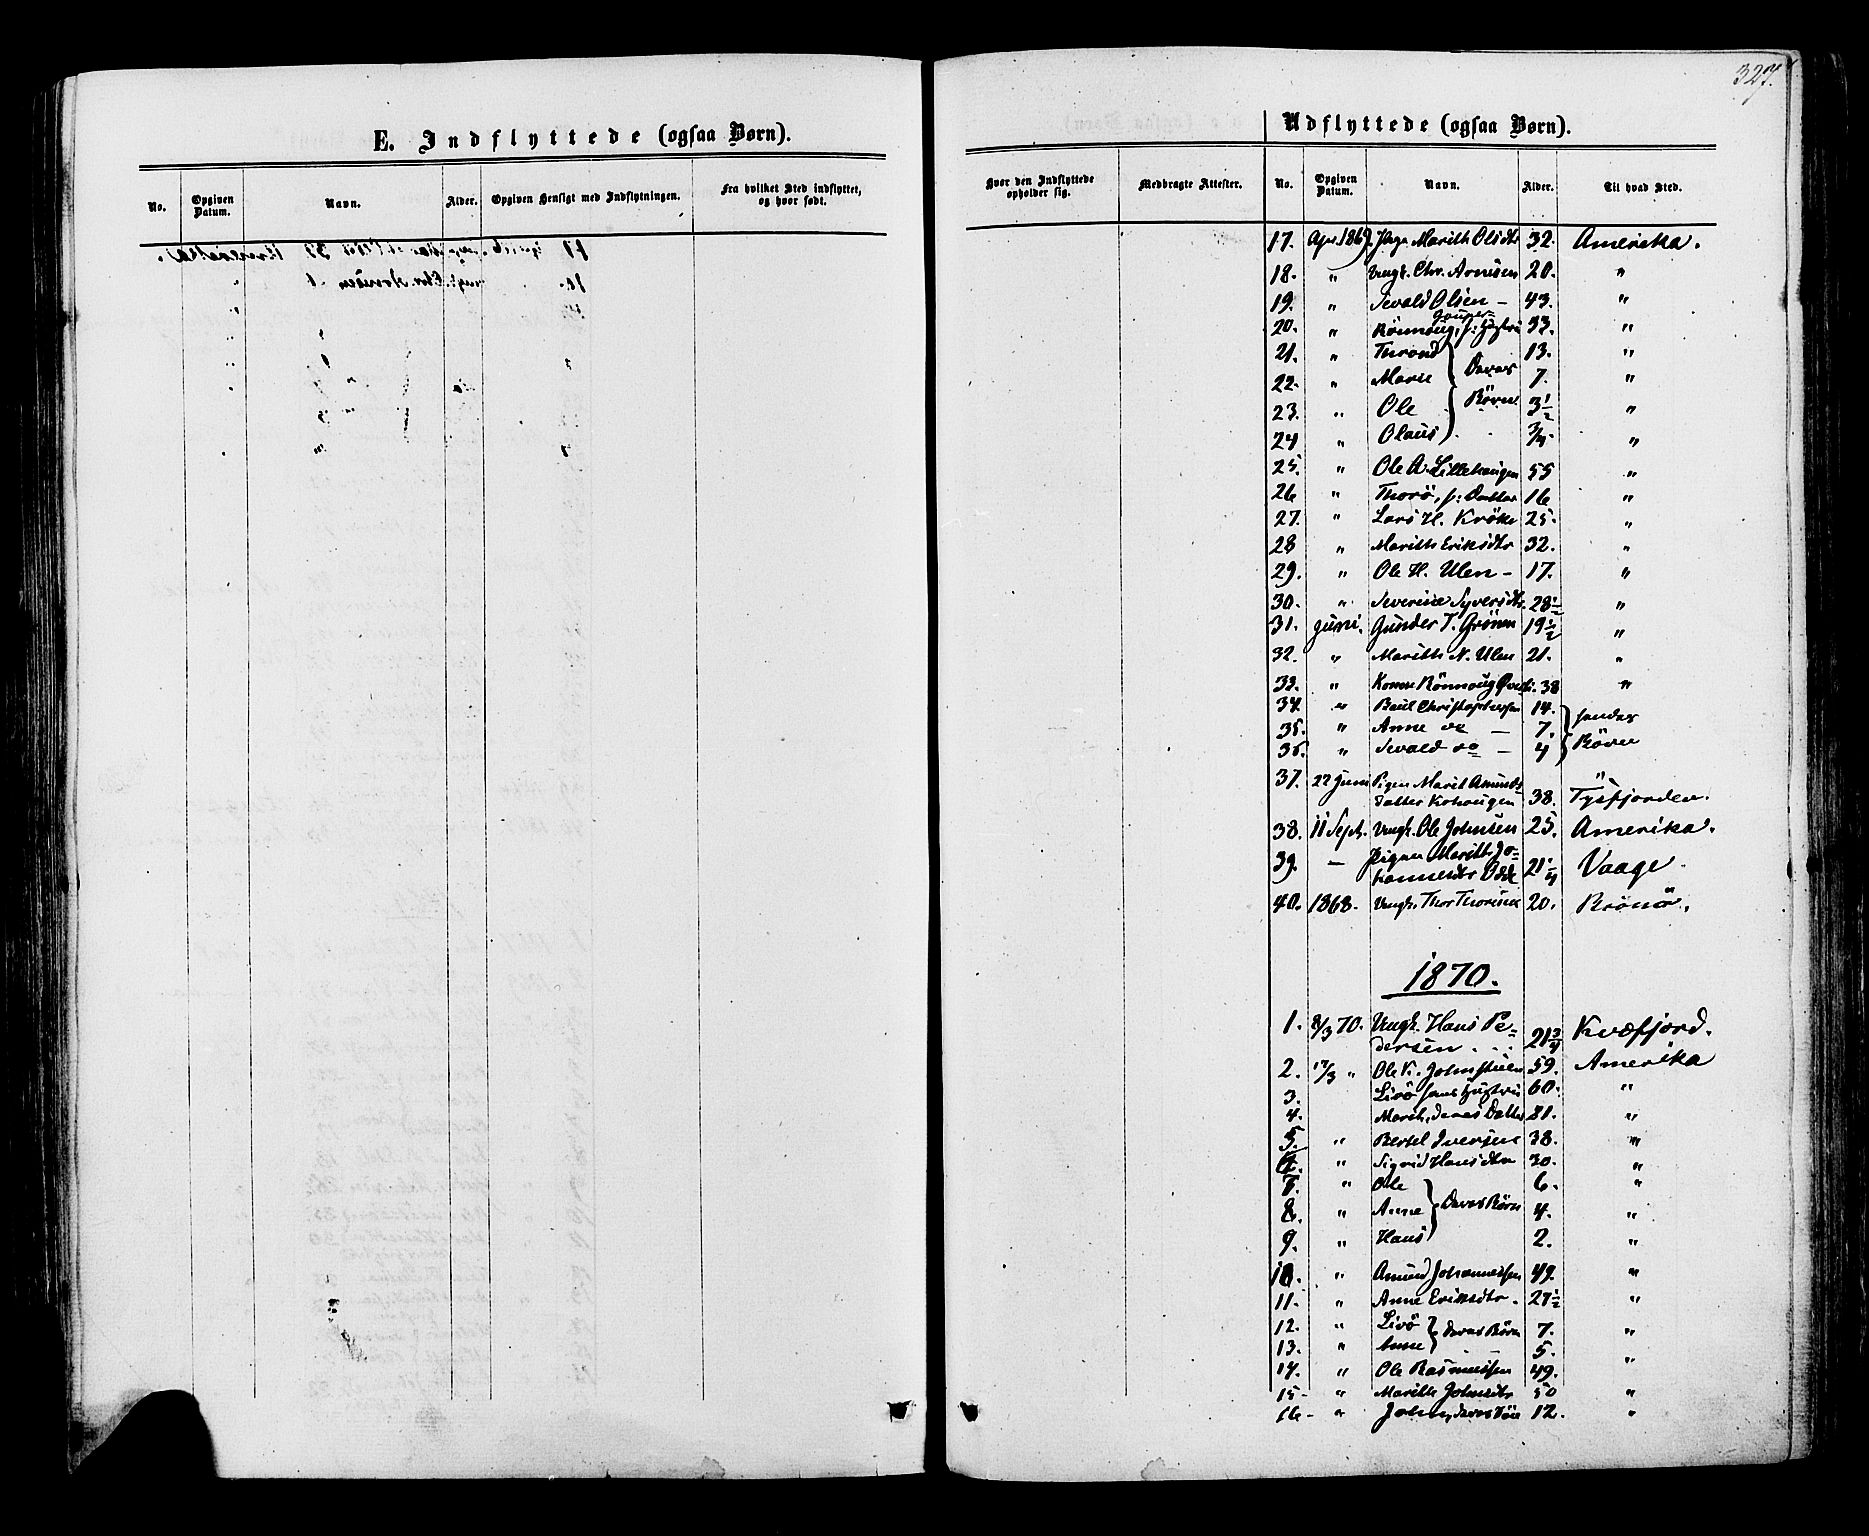 SAH, Lom prestekontor, K/L0007: Ministerialbok nr. 7, 1863-1884, s. 327